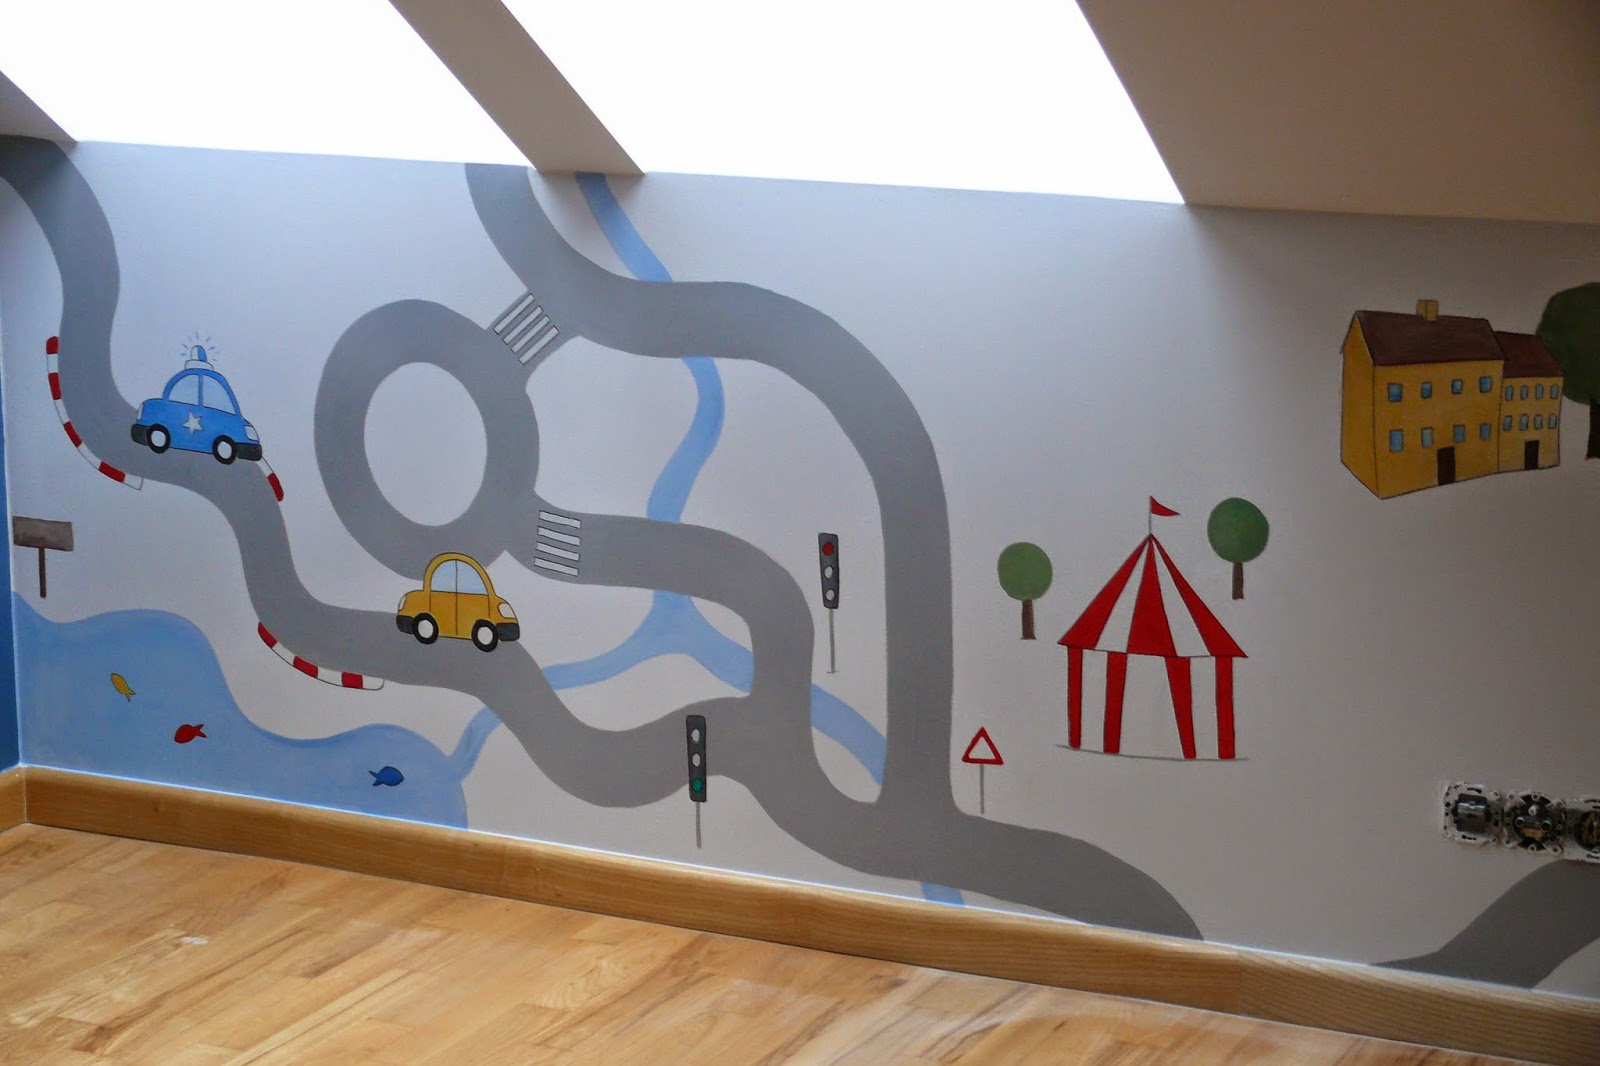 Malowanie prostej grafiki ściennej w pokoju niemowlaka, Toruń